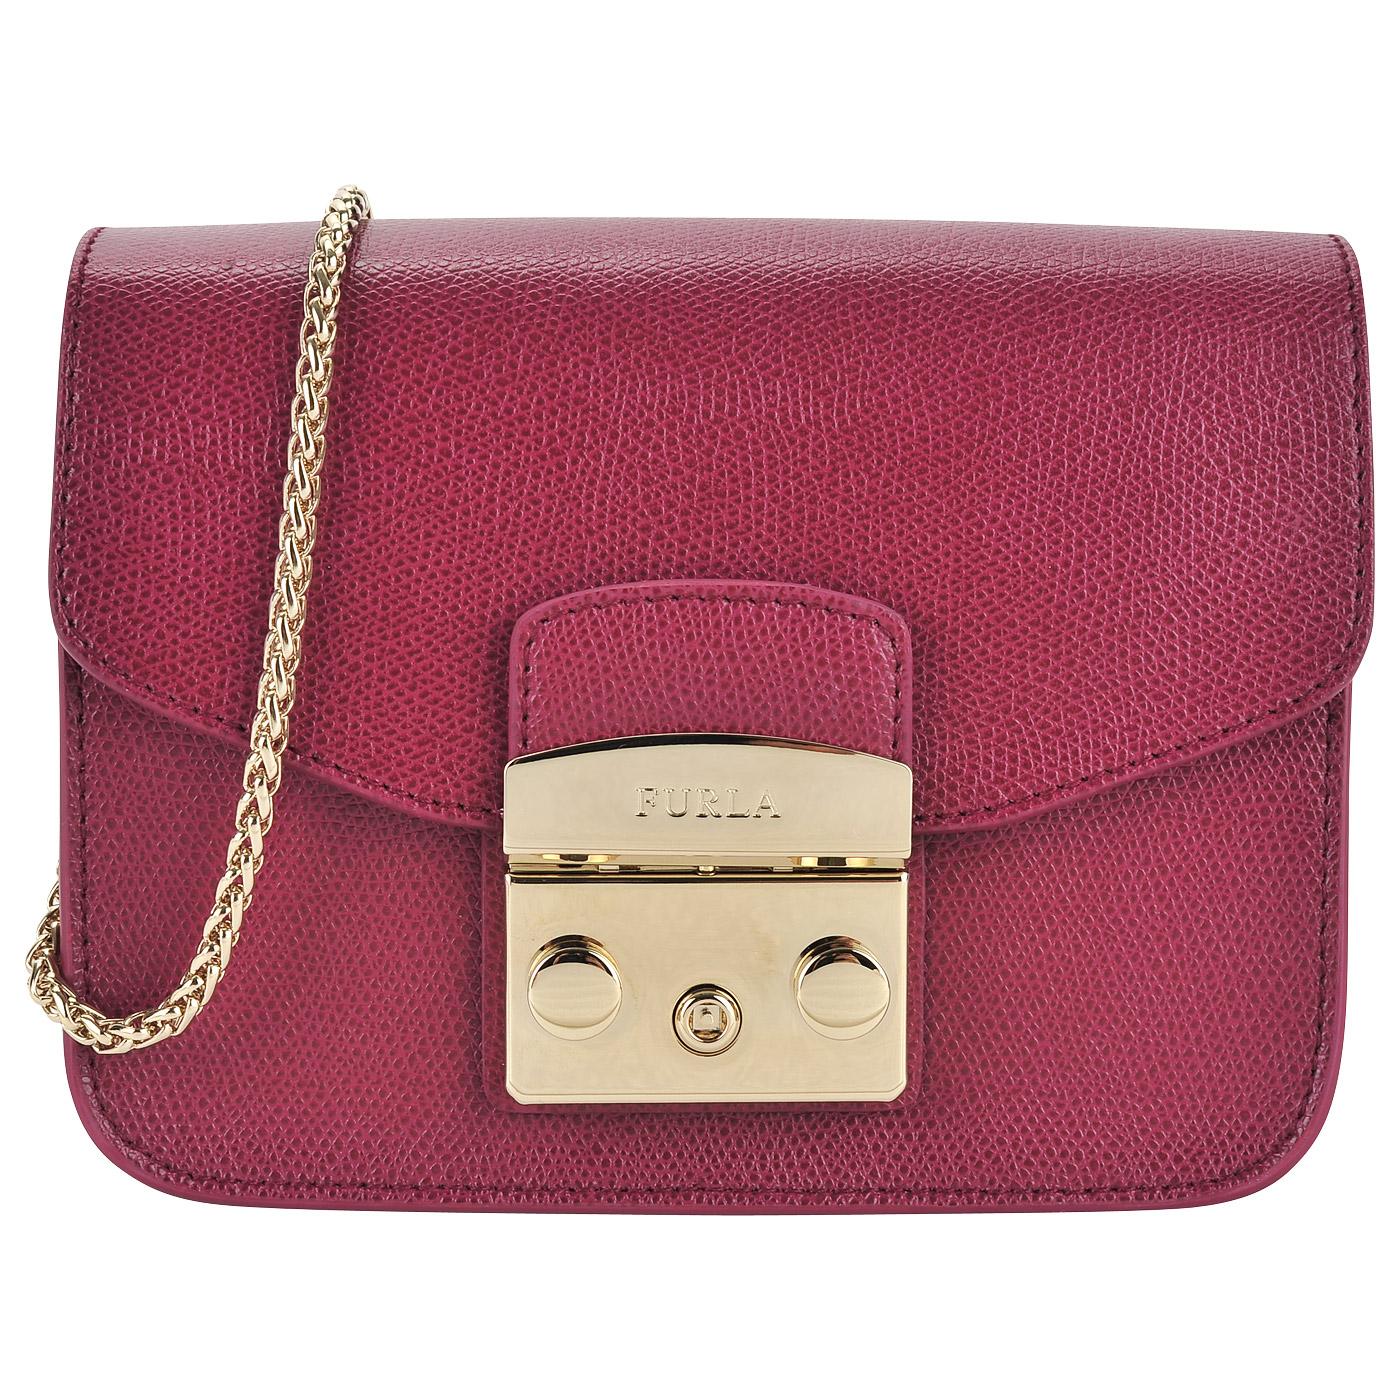 9d98903fcb3f ... Маленькая женская сумочка из натуральной кожи Furla Metropolis ...